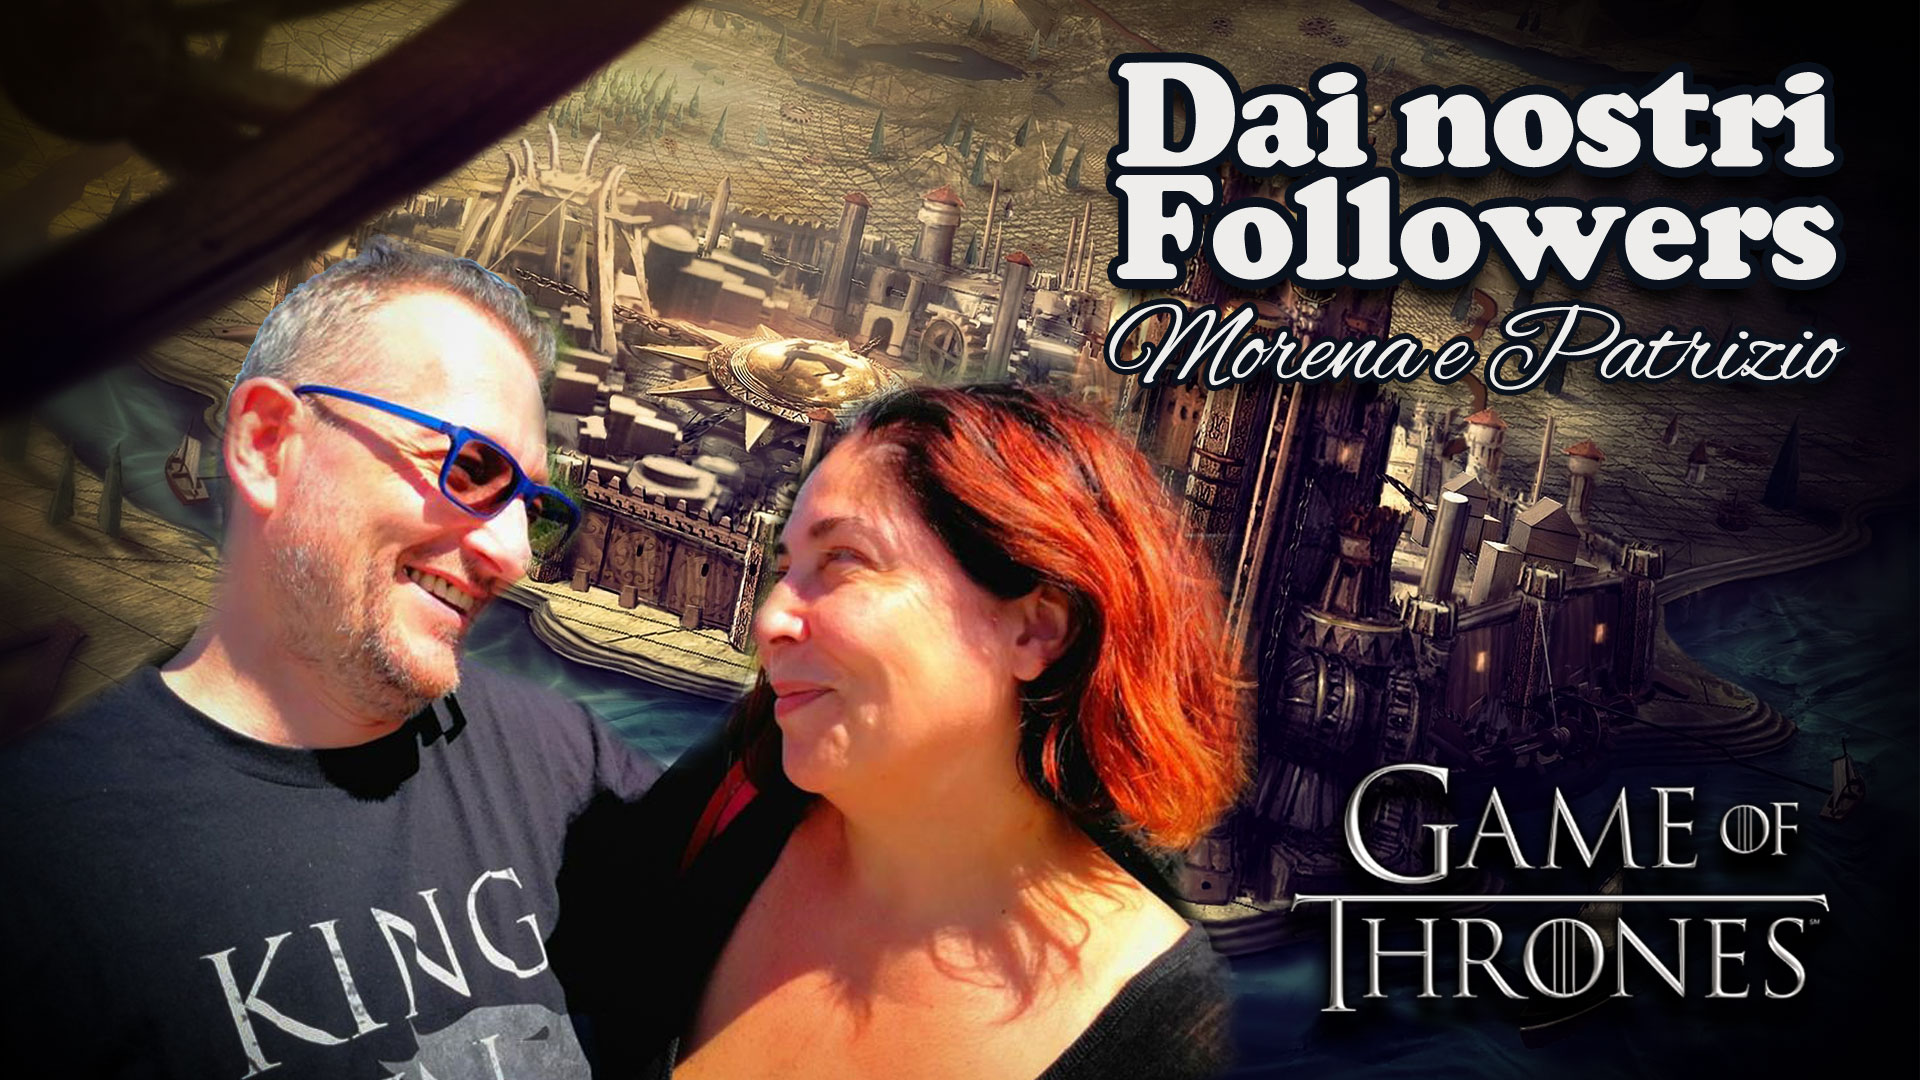 Dai nostri followers – Morena, Patrizio e Il Trono di Spade